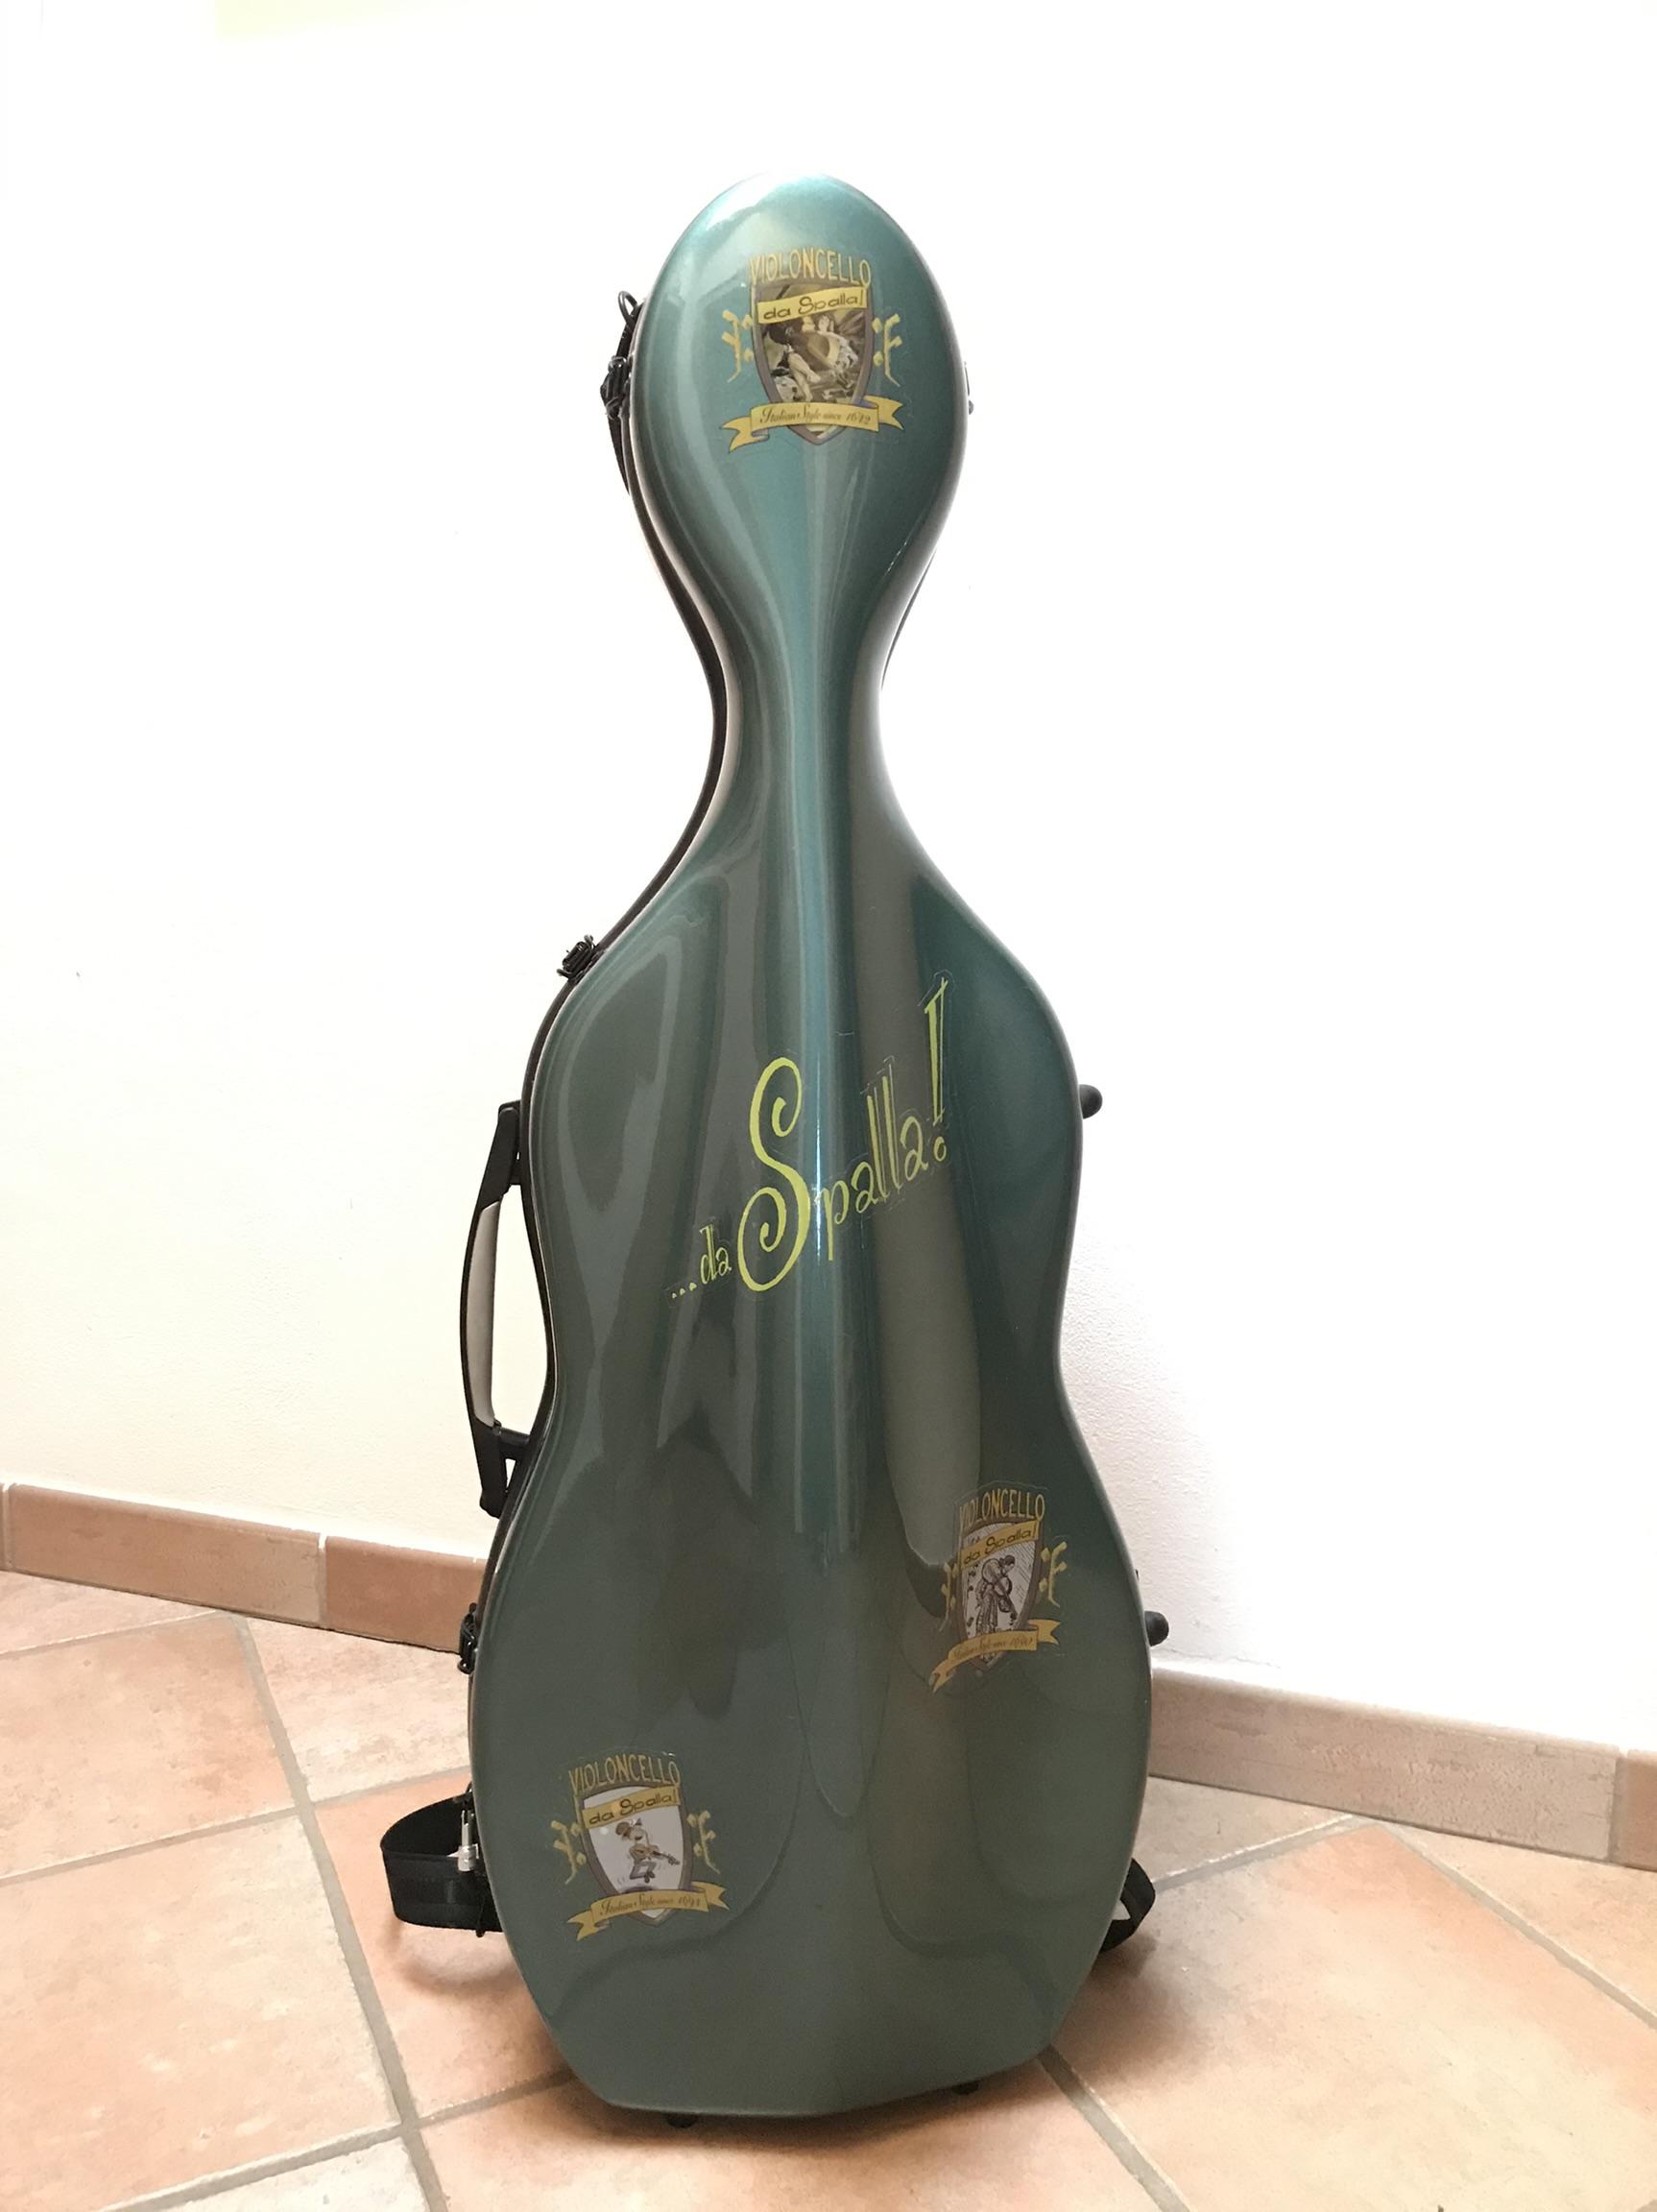 custodia violoncello da spalla con adesivi dedicati